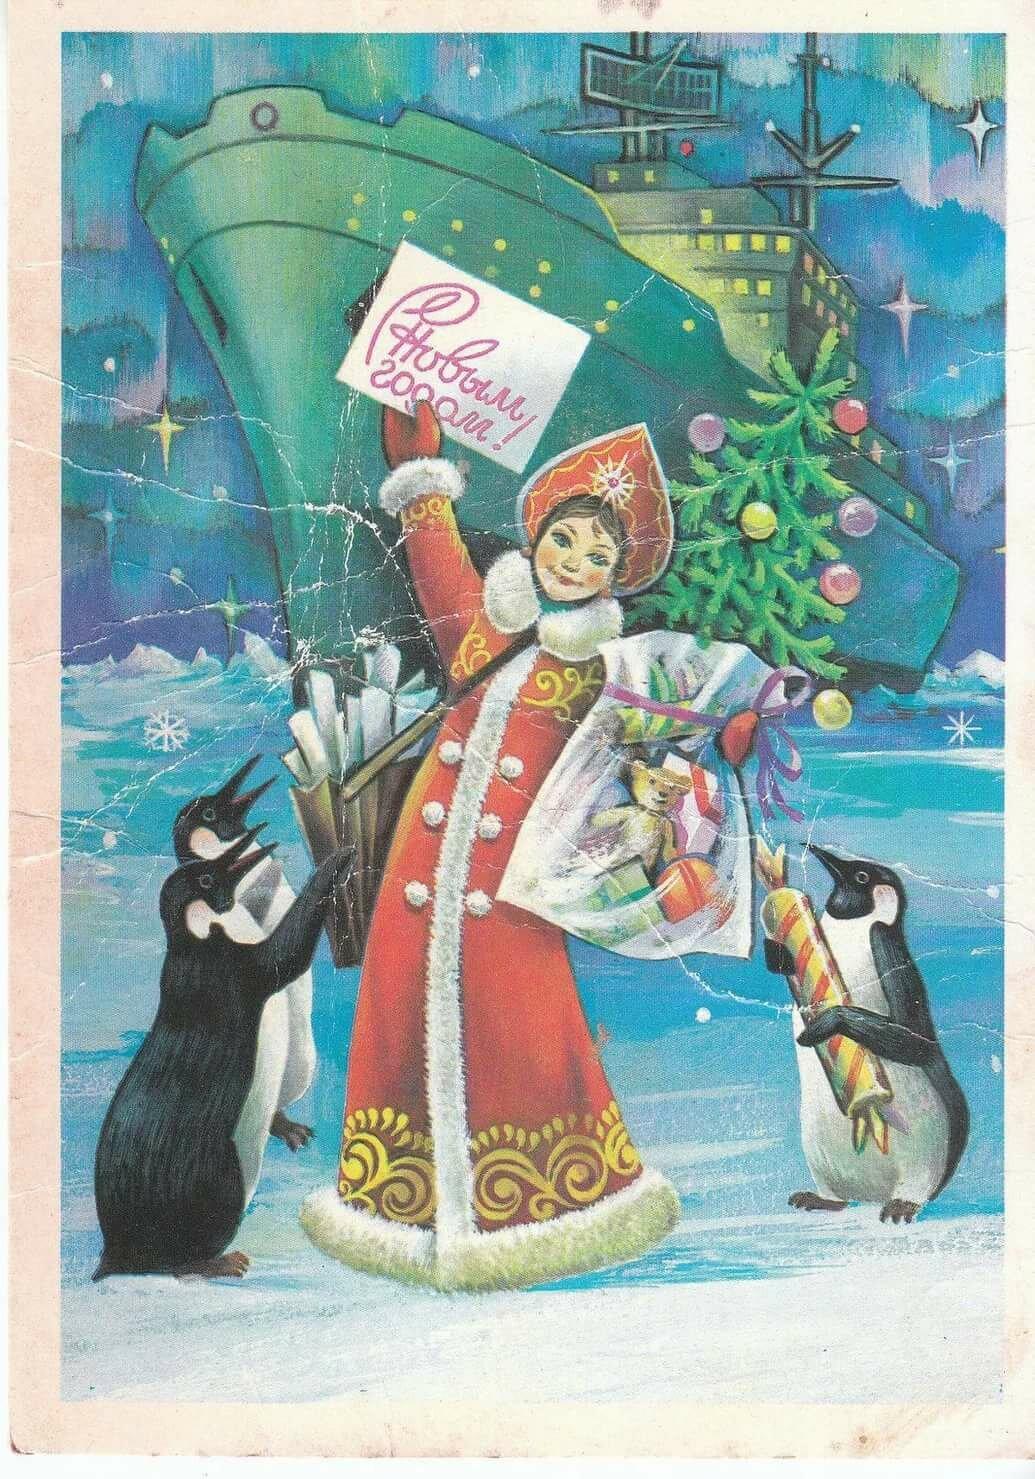 артисты снегурочка на открытках 50 годов считается ему